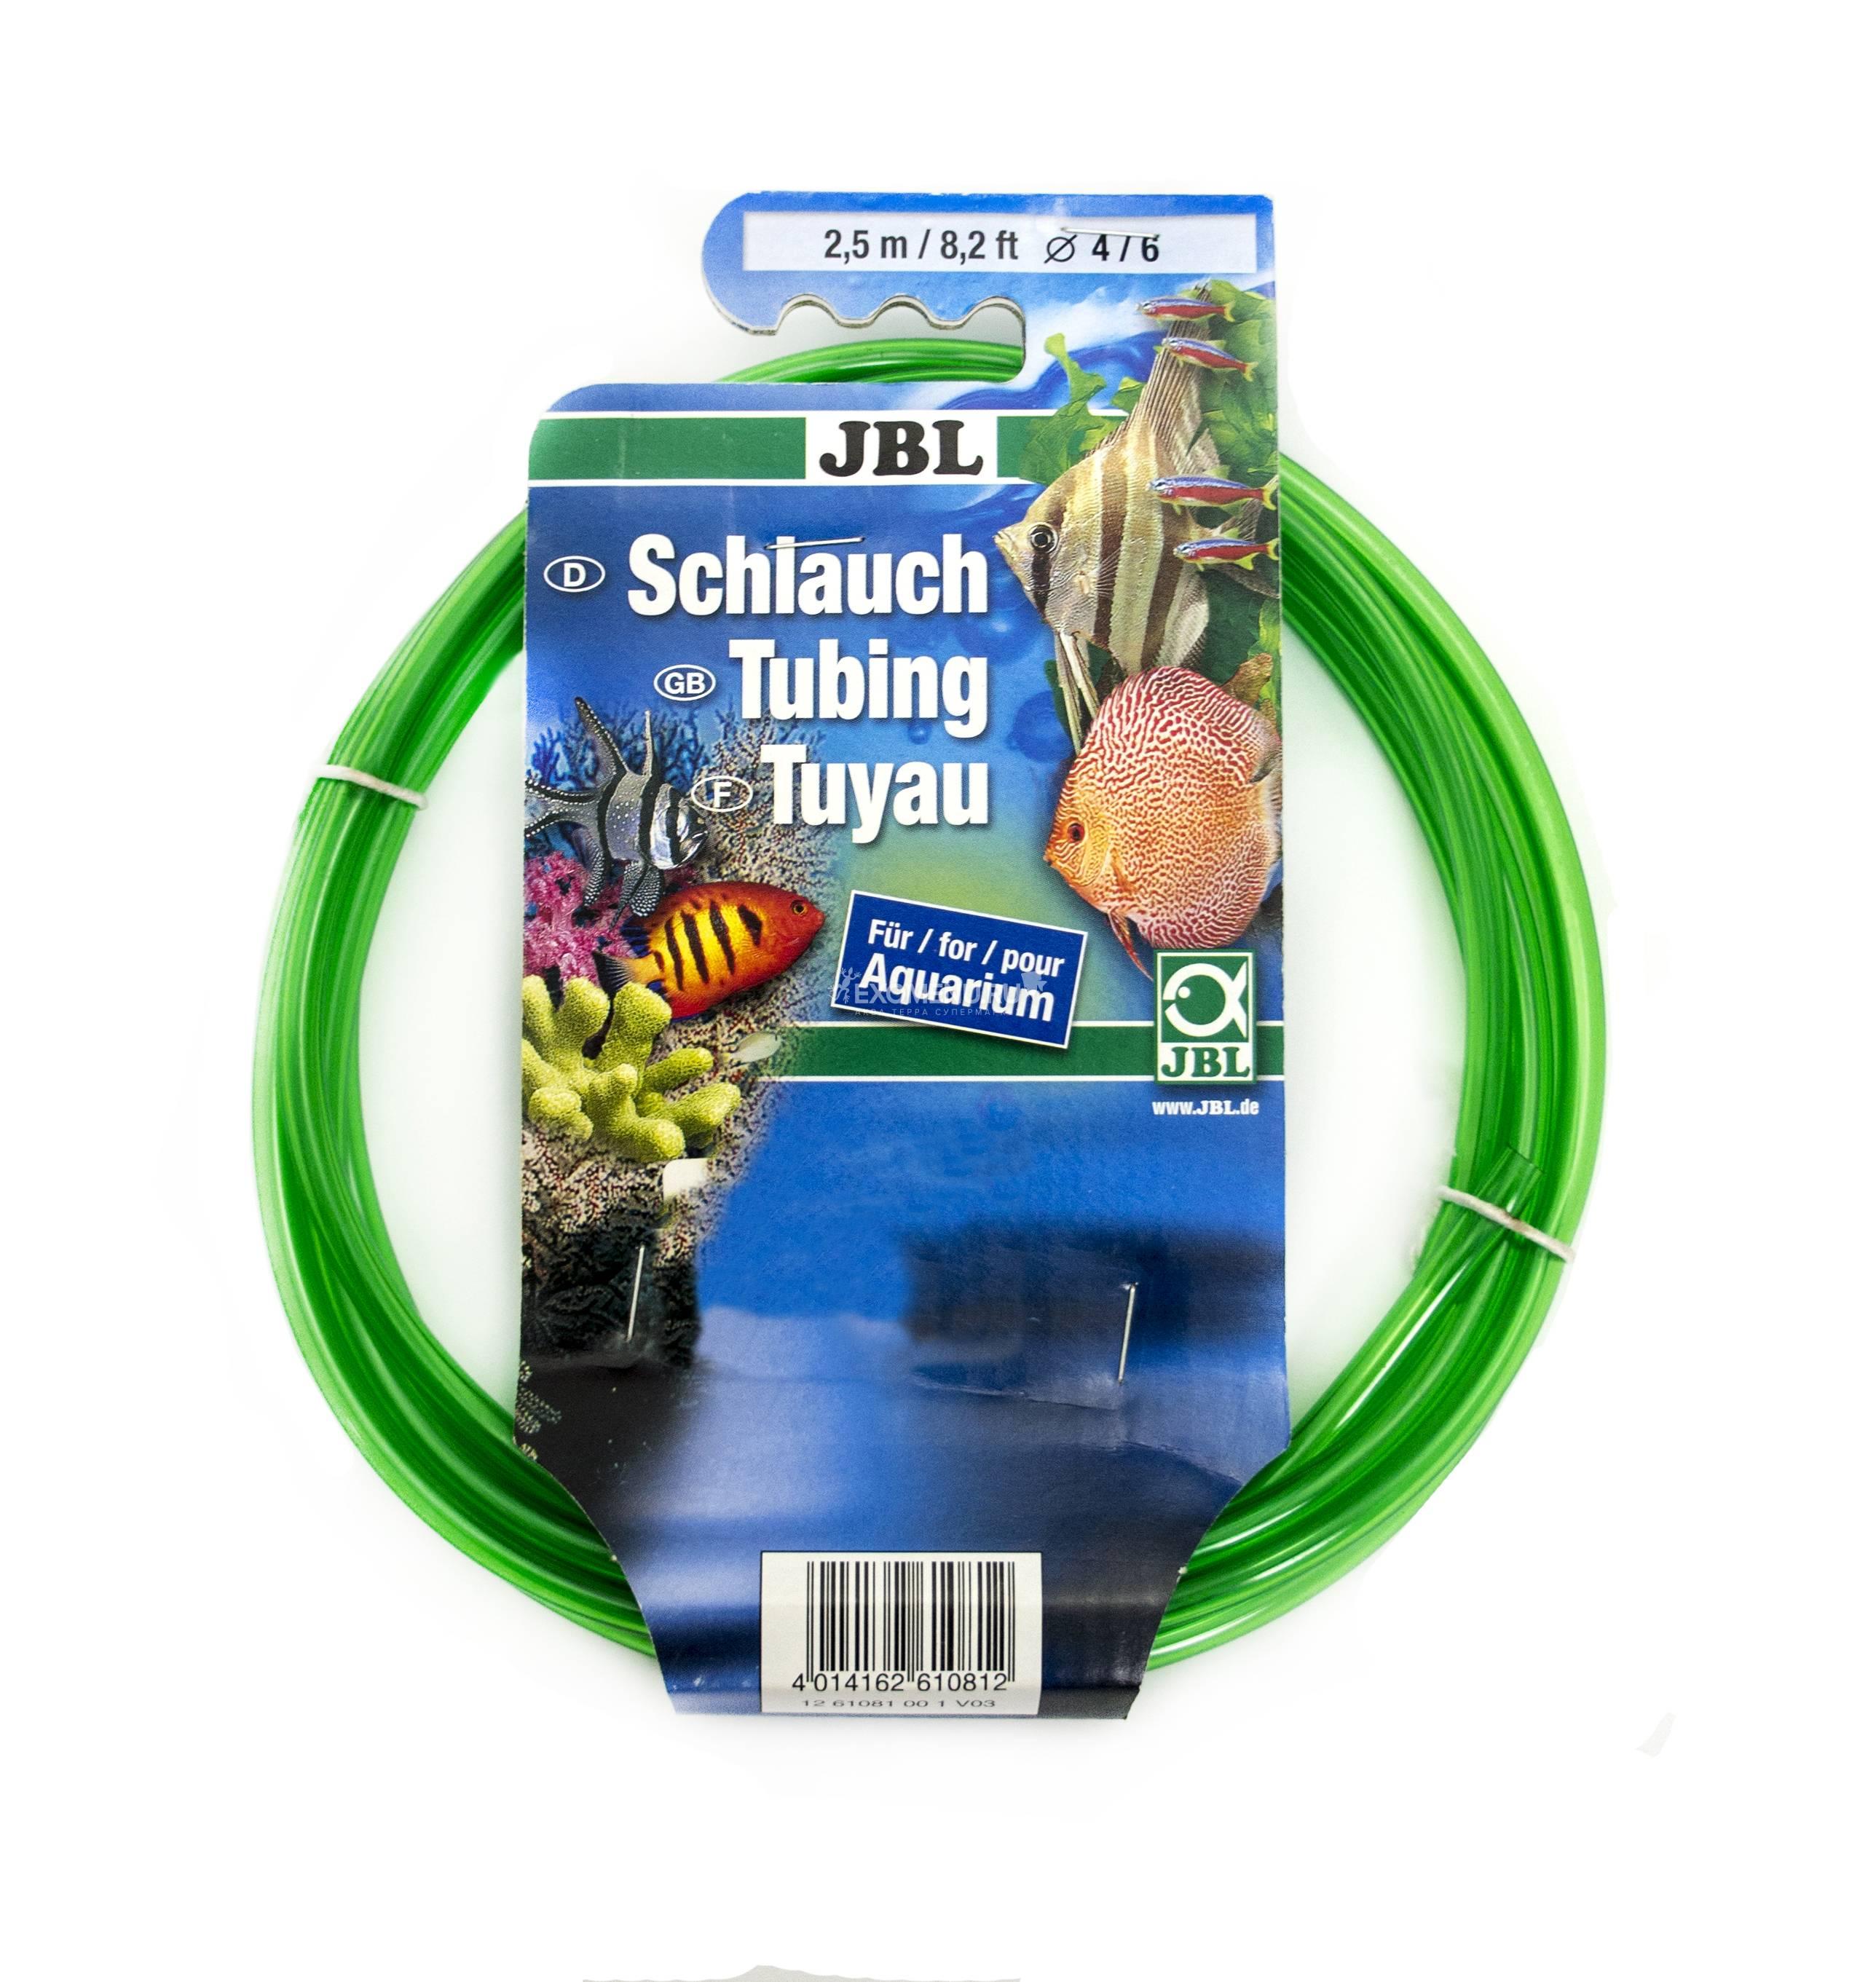 JBL Aquarium tubing GREEN 4/6 - Гибкий шланг для воды, прозрачный зеленый, 2,5 м, на подвесе